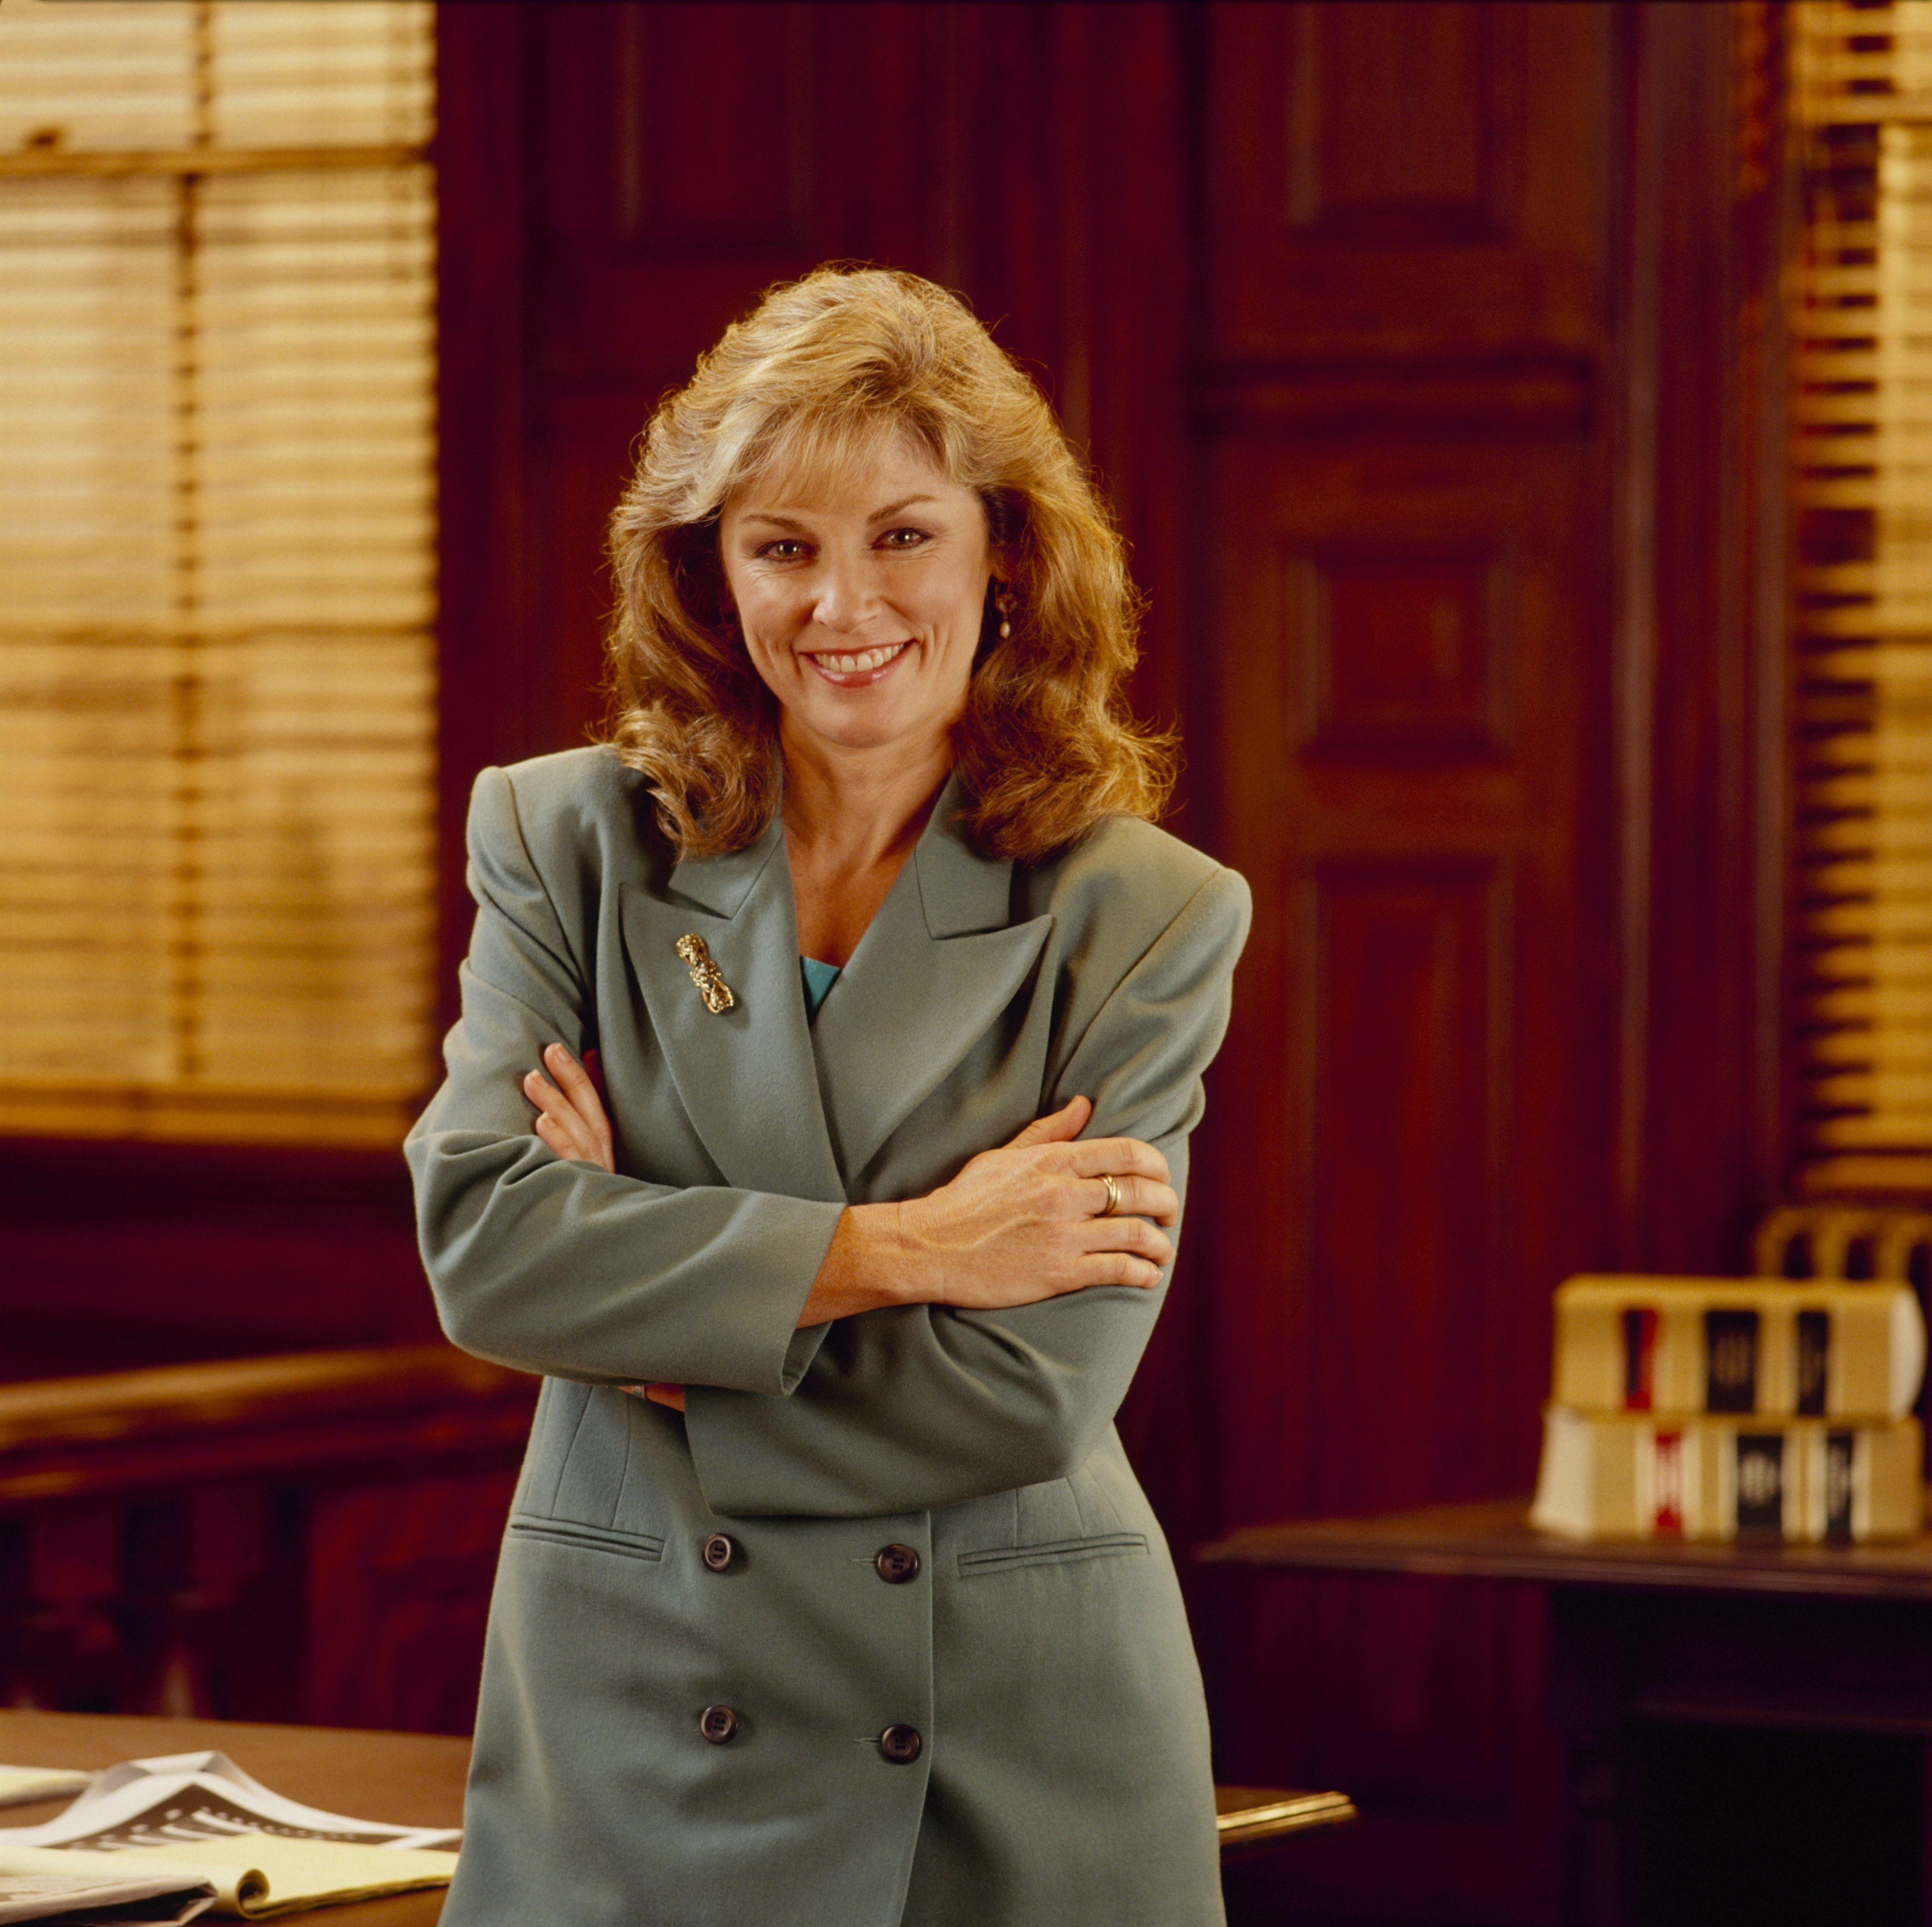 Rose Reynolds,Dominique Jennings XXX clips Joanie Bartels,Heart Evangelista (b. 1985)